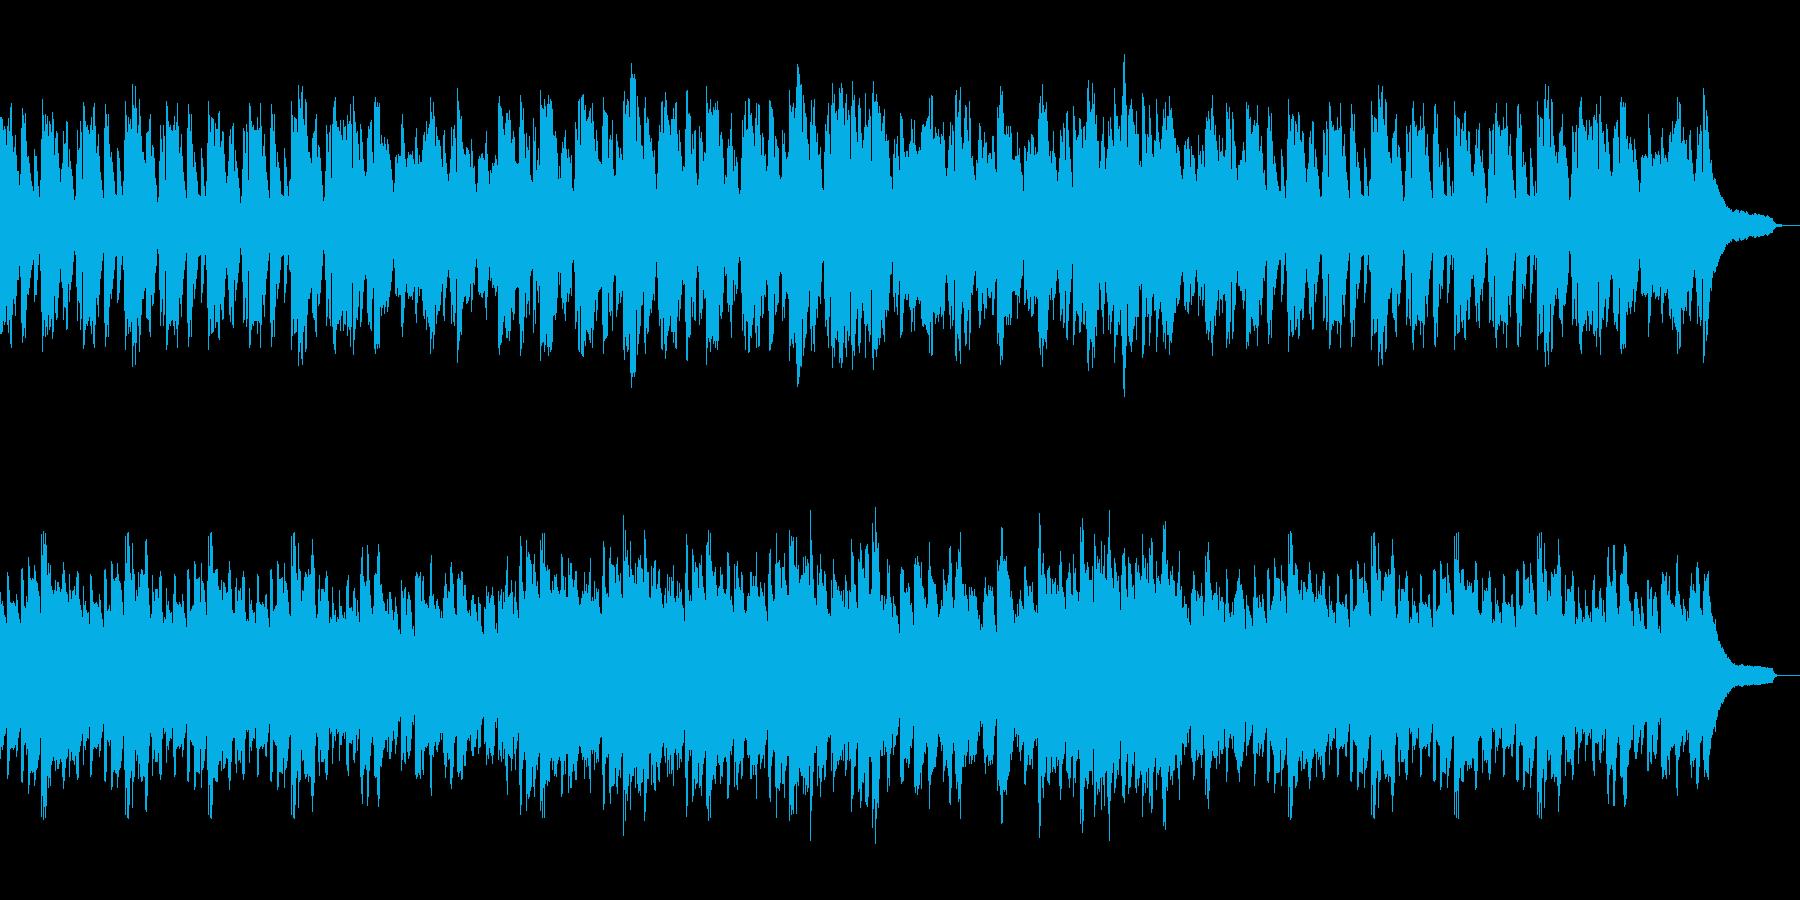 ピアノメインの悲壮感ある曲の再生済みの波形